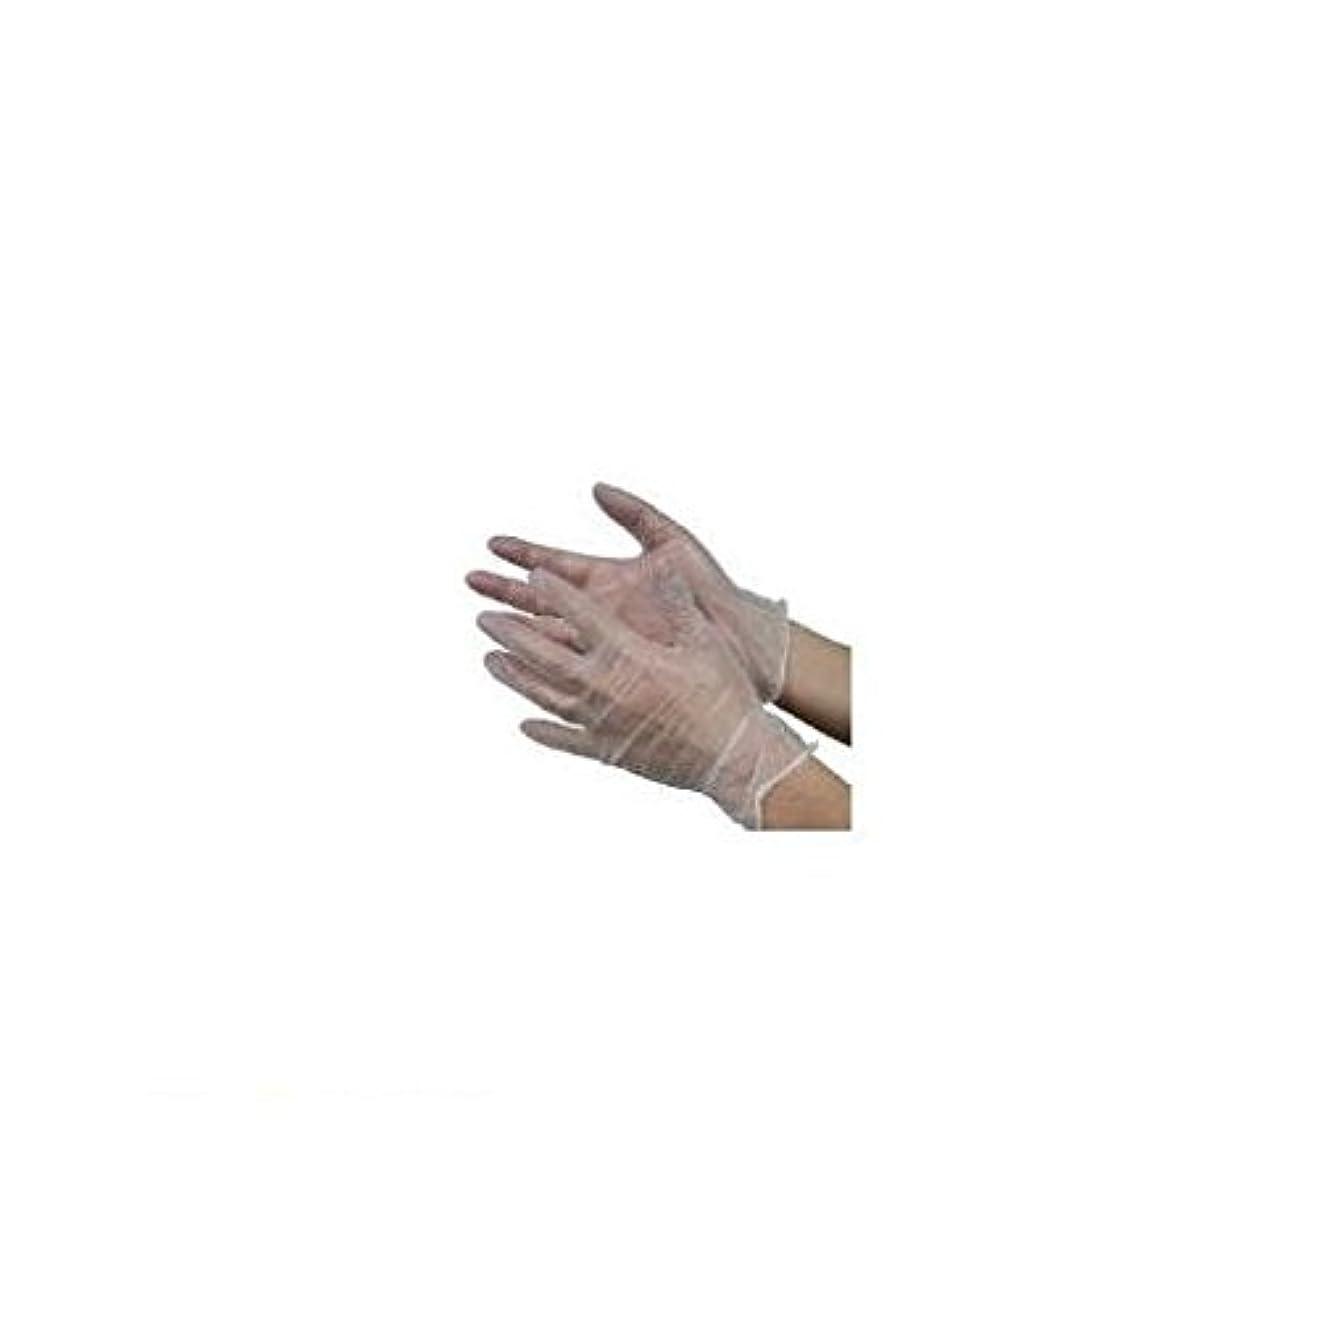 起きるお風呂を持っている入札AS56586 モデルローブビニール使いきり手袋【粉つき】L 100枚入 NO930